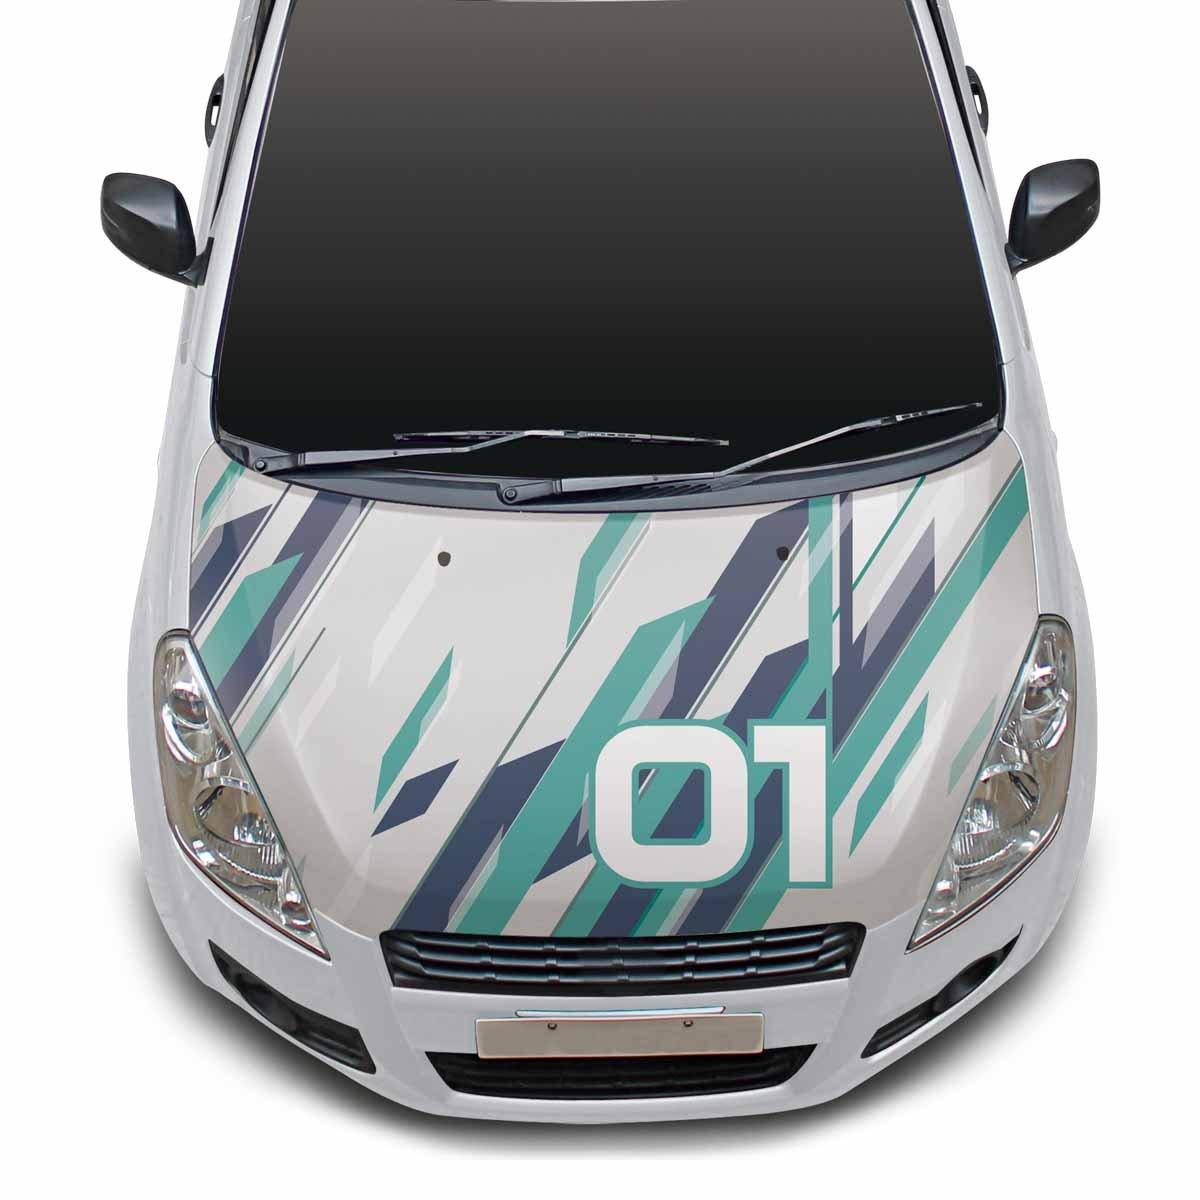 Autographix 1004536 blue wave s 1424bws bonnet 1 car bonnet wrap blue green and grey amazon in car motorbike